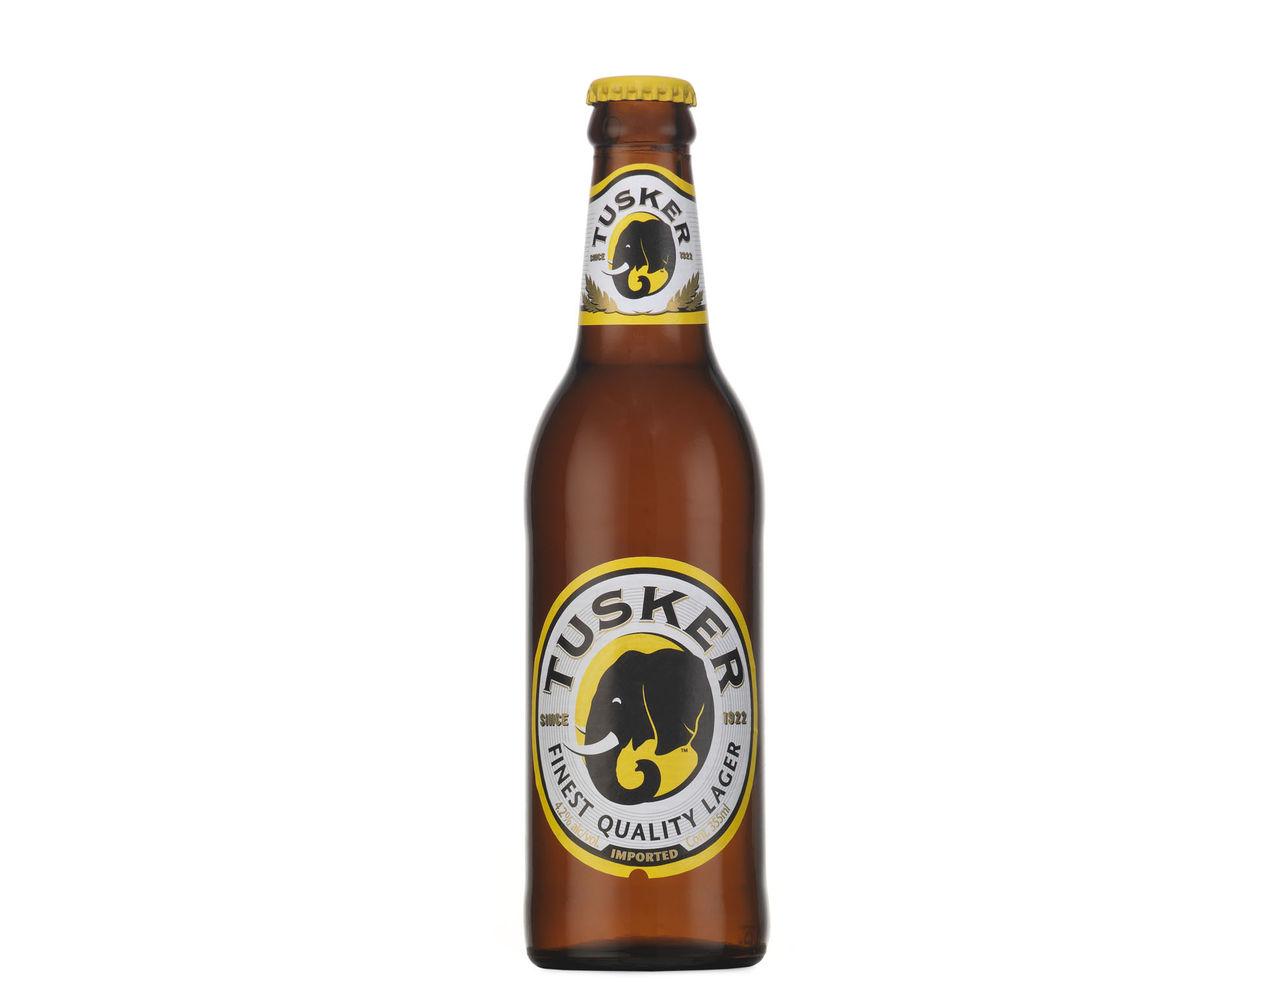 Afrikanskt öl till Sverige